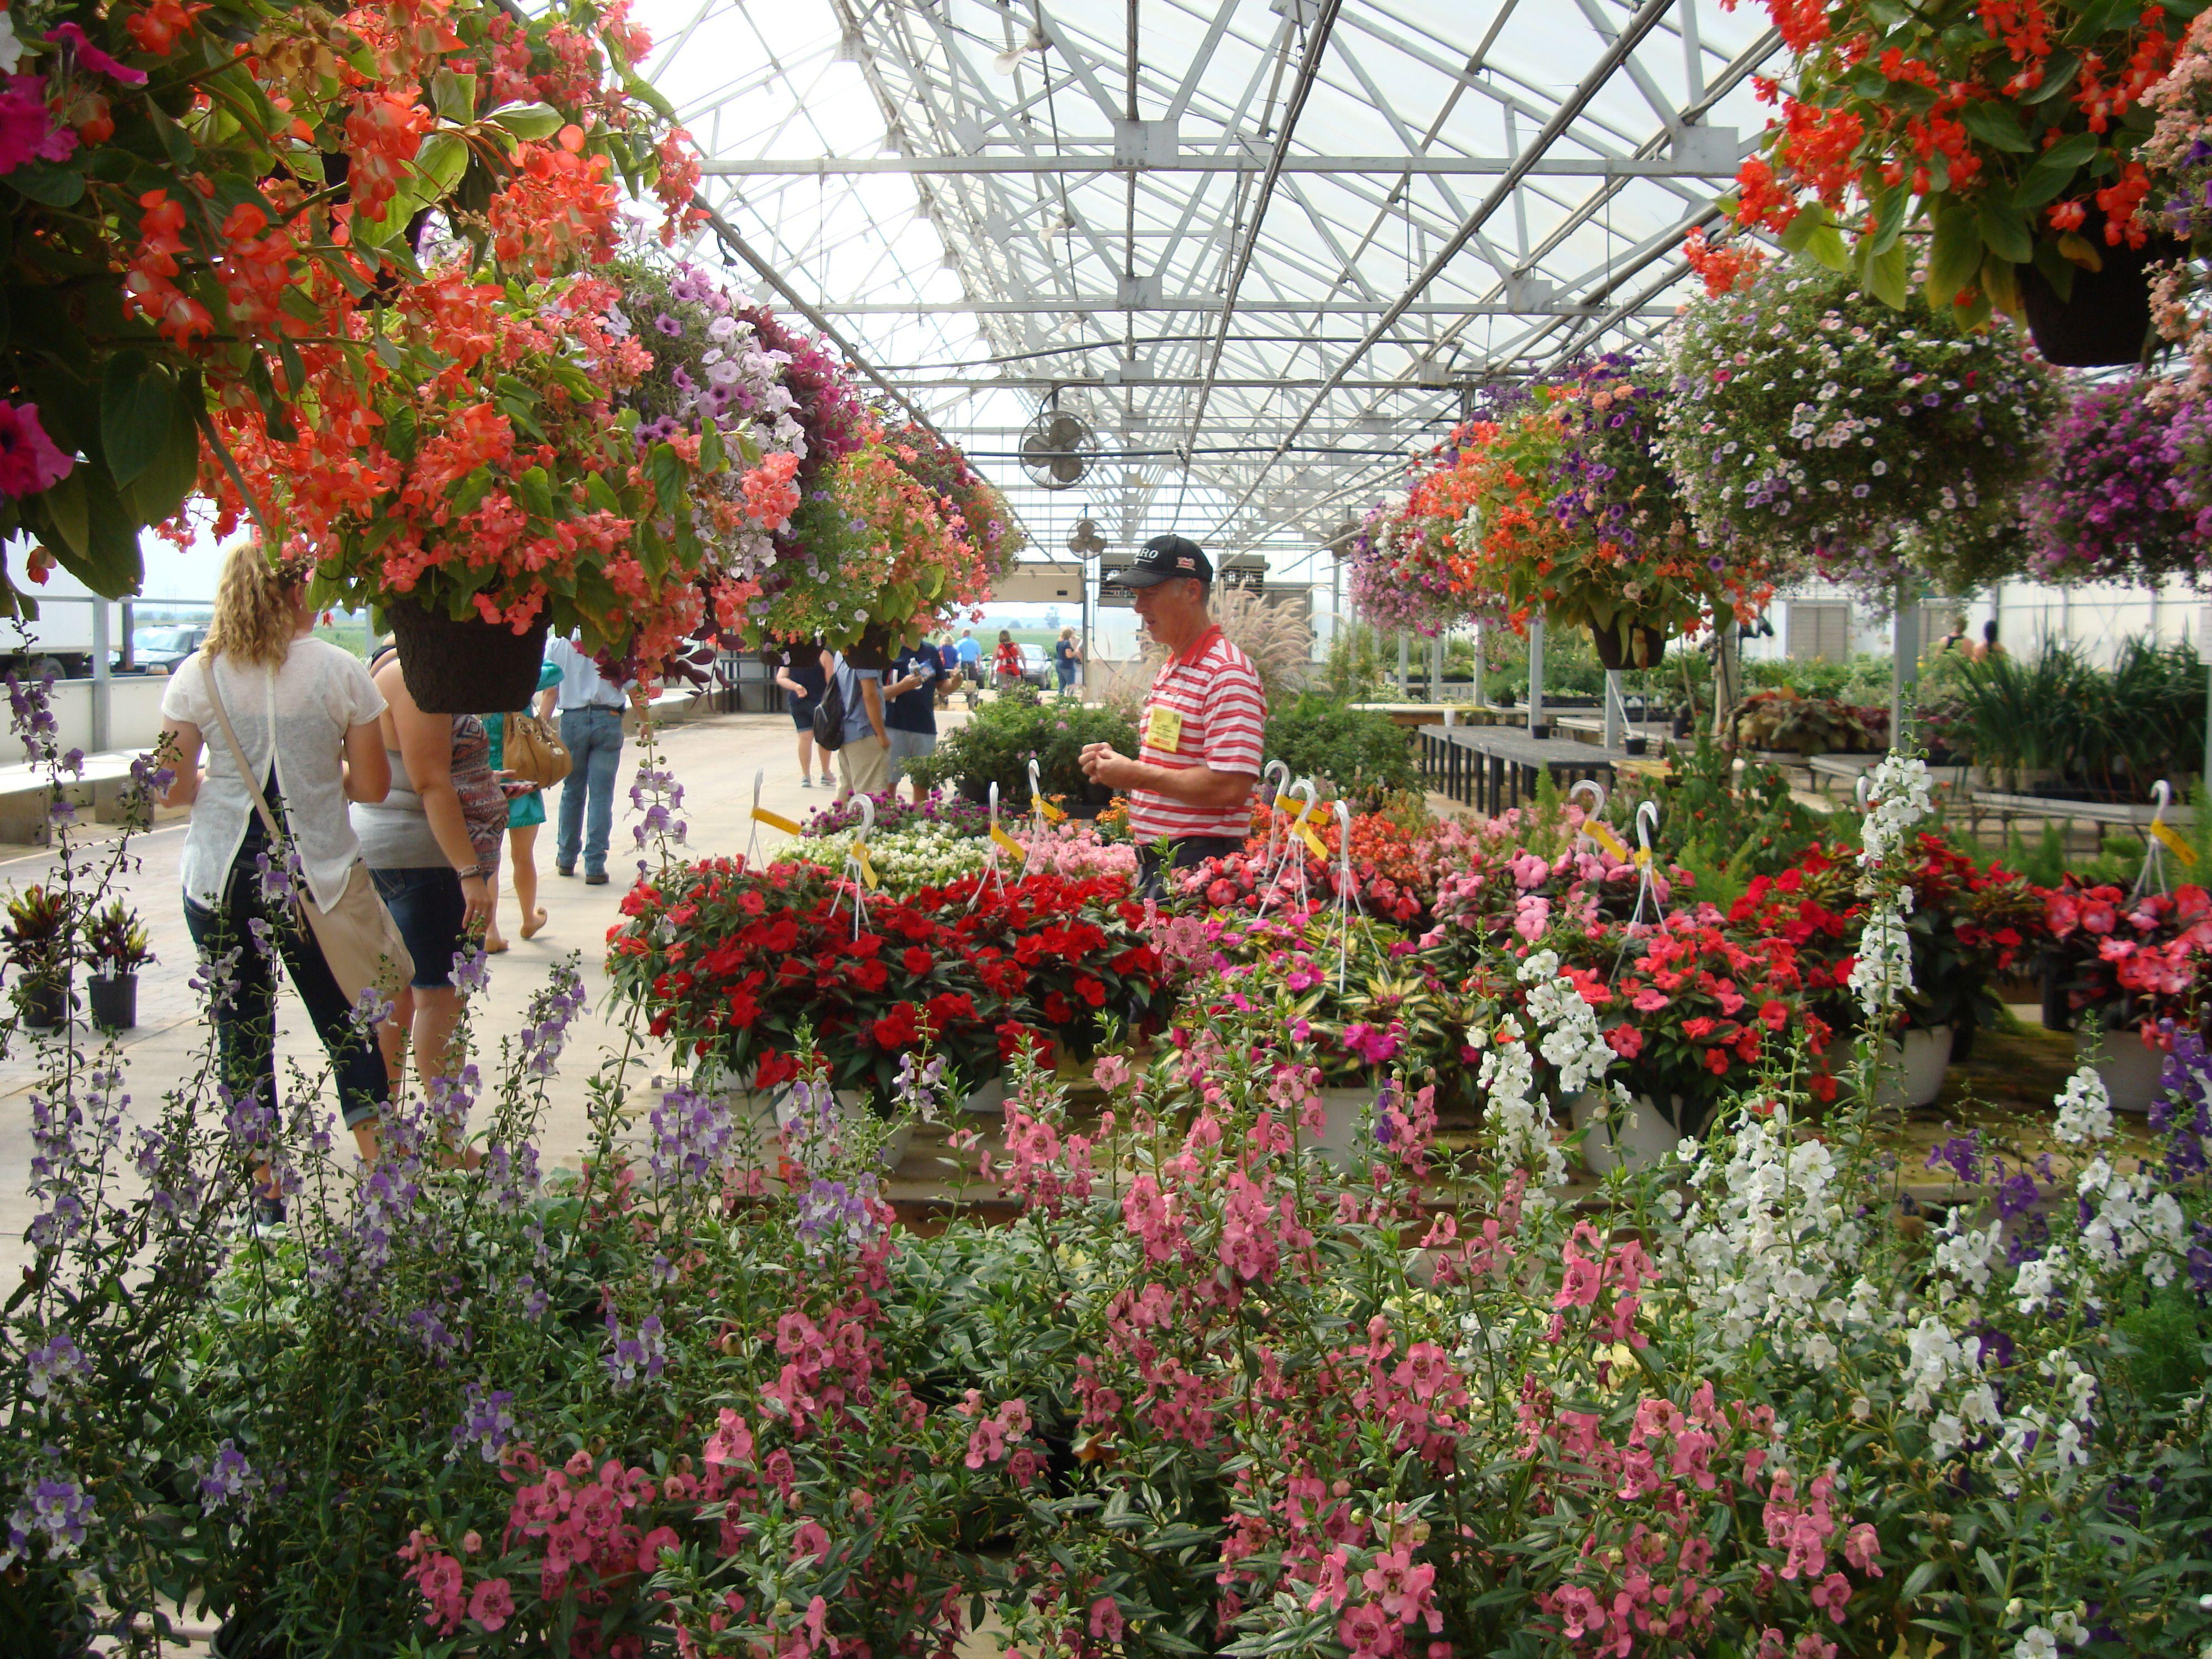 Gensler Gardens, Davis Junction, IL | Gensler Gardens | Pinterest